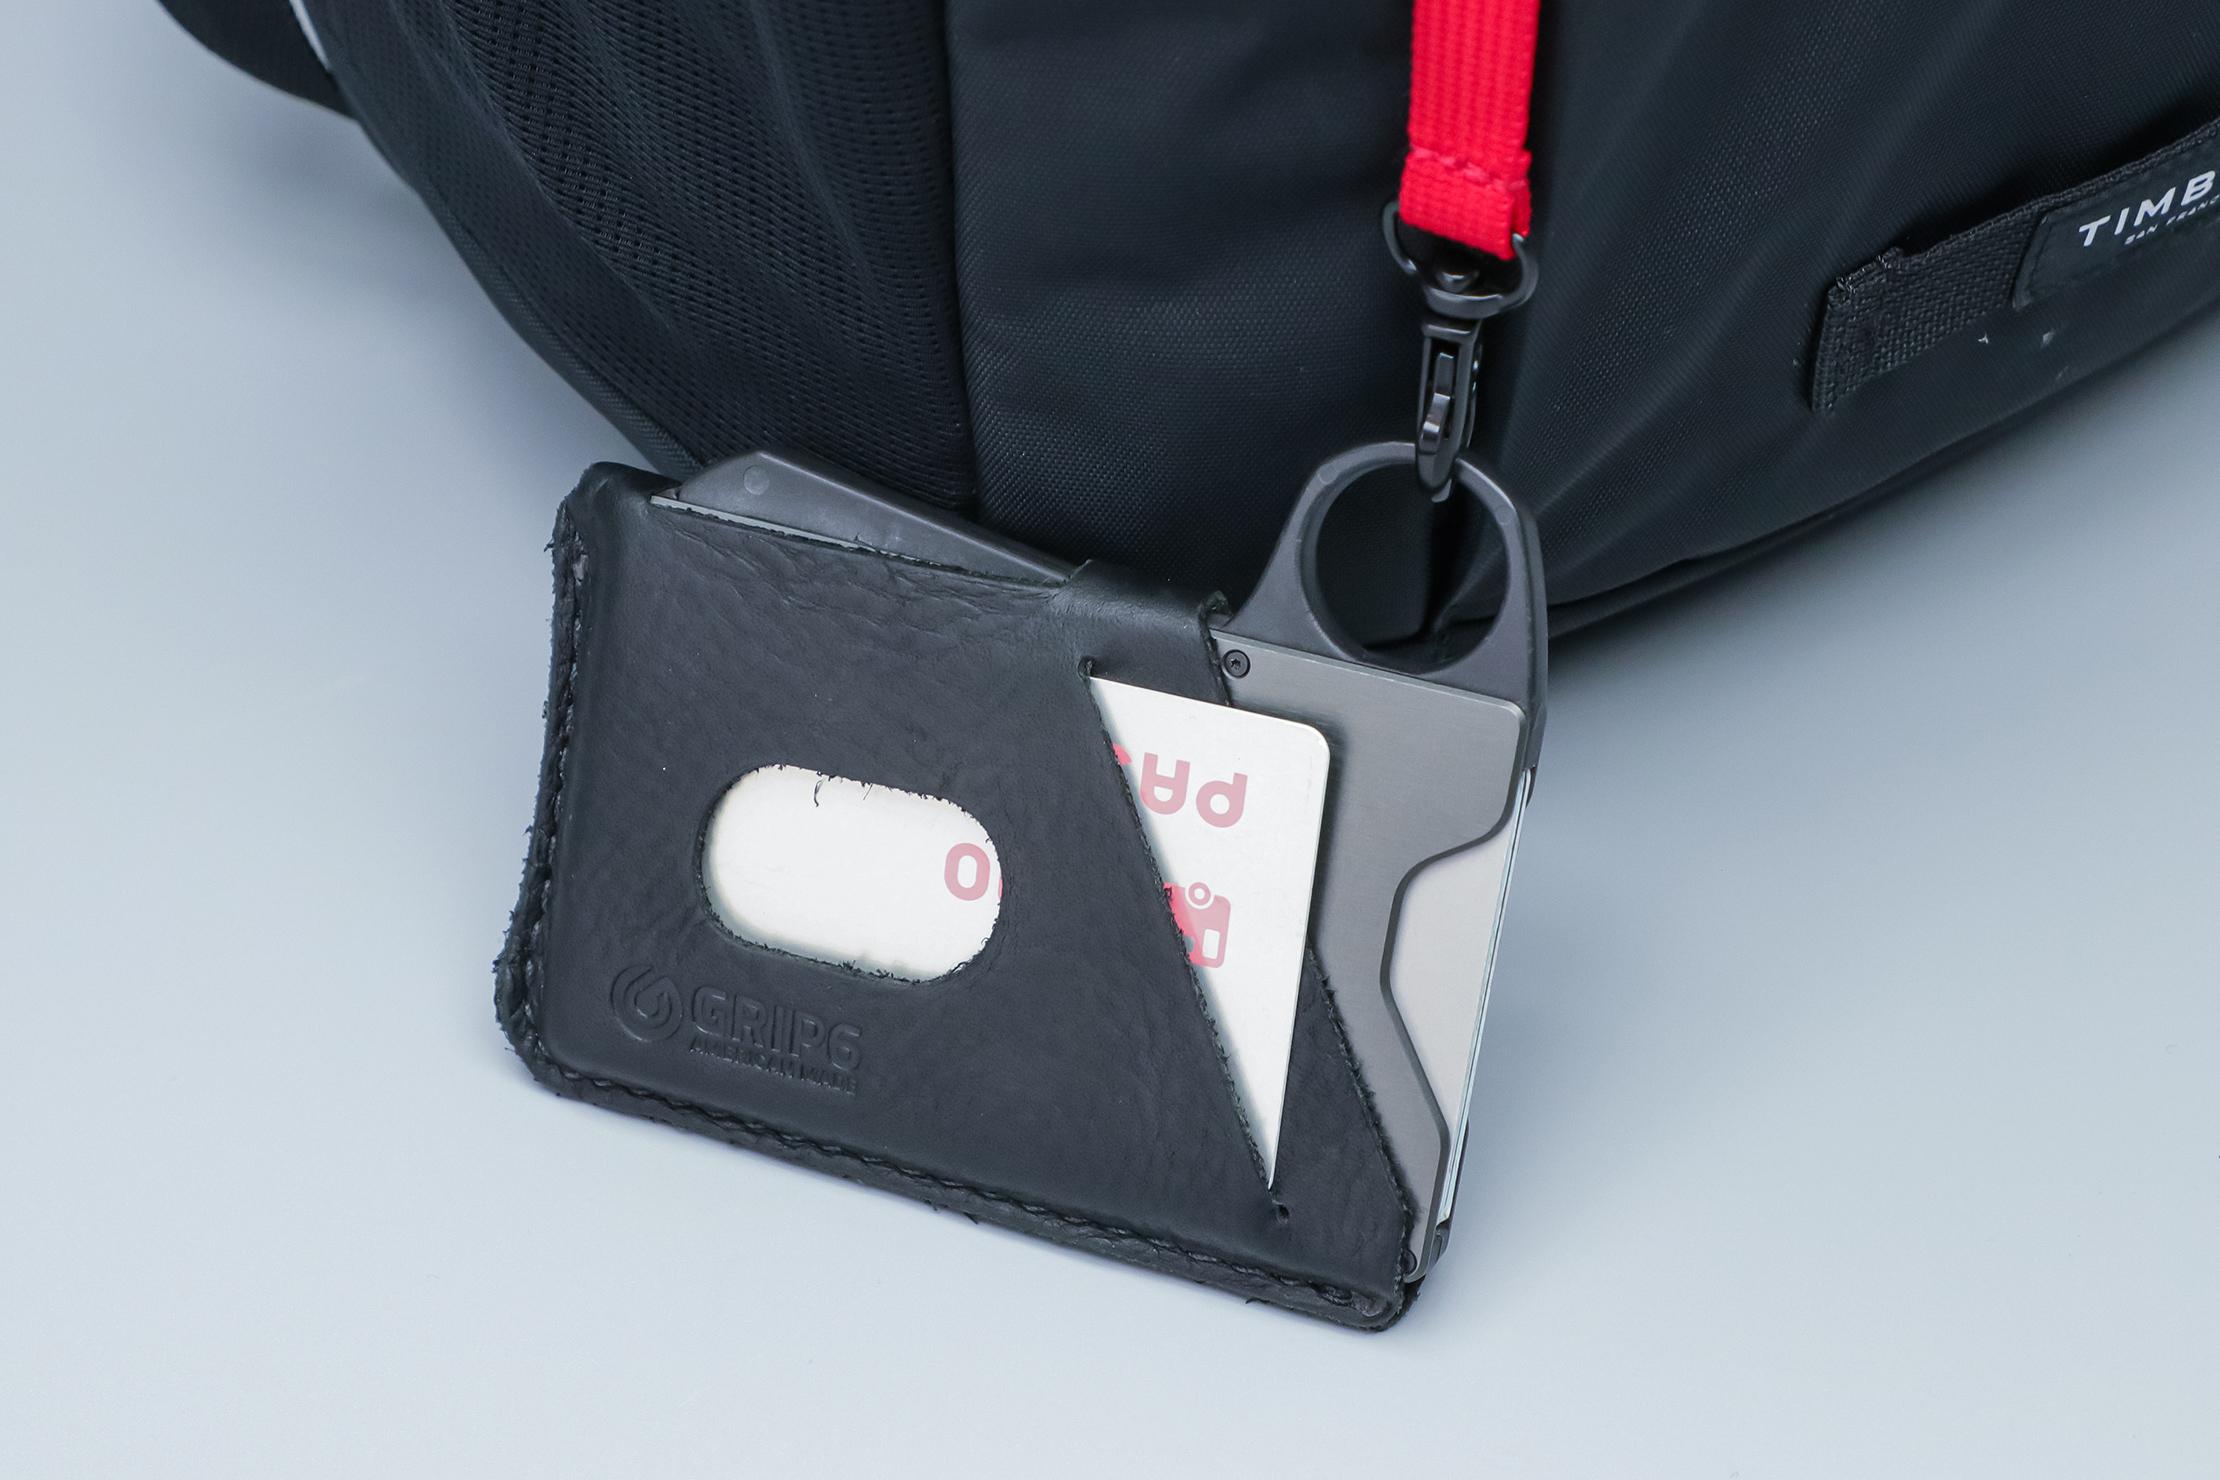 Grip6 Wallet On Key Clip